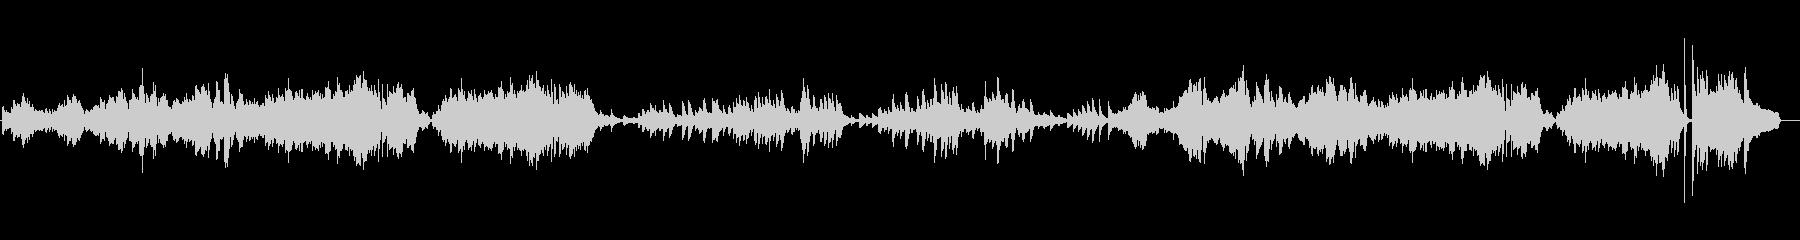 フレデリック・ショパン。ワルツのニ...の未再生の波形